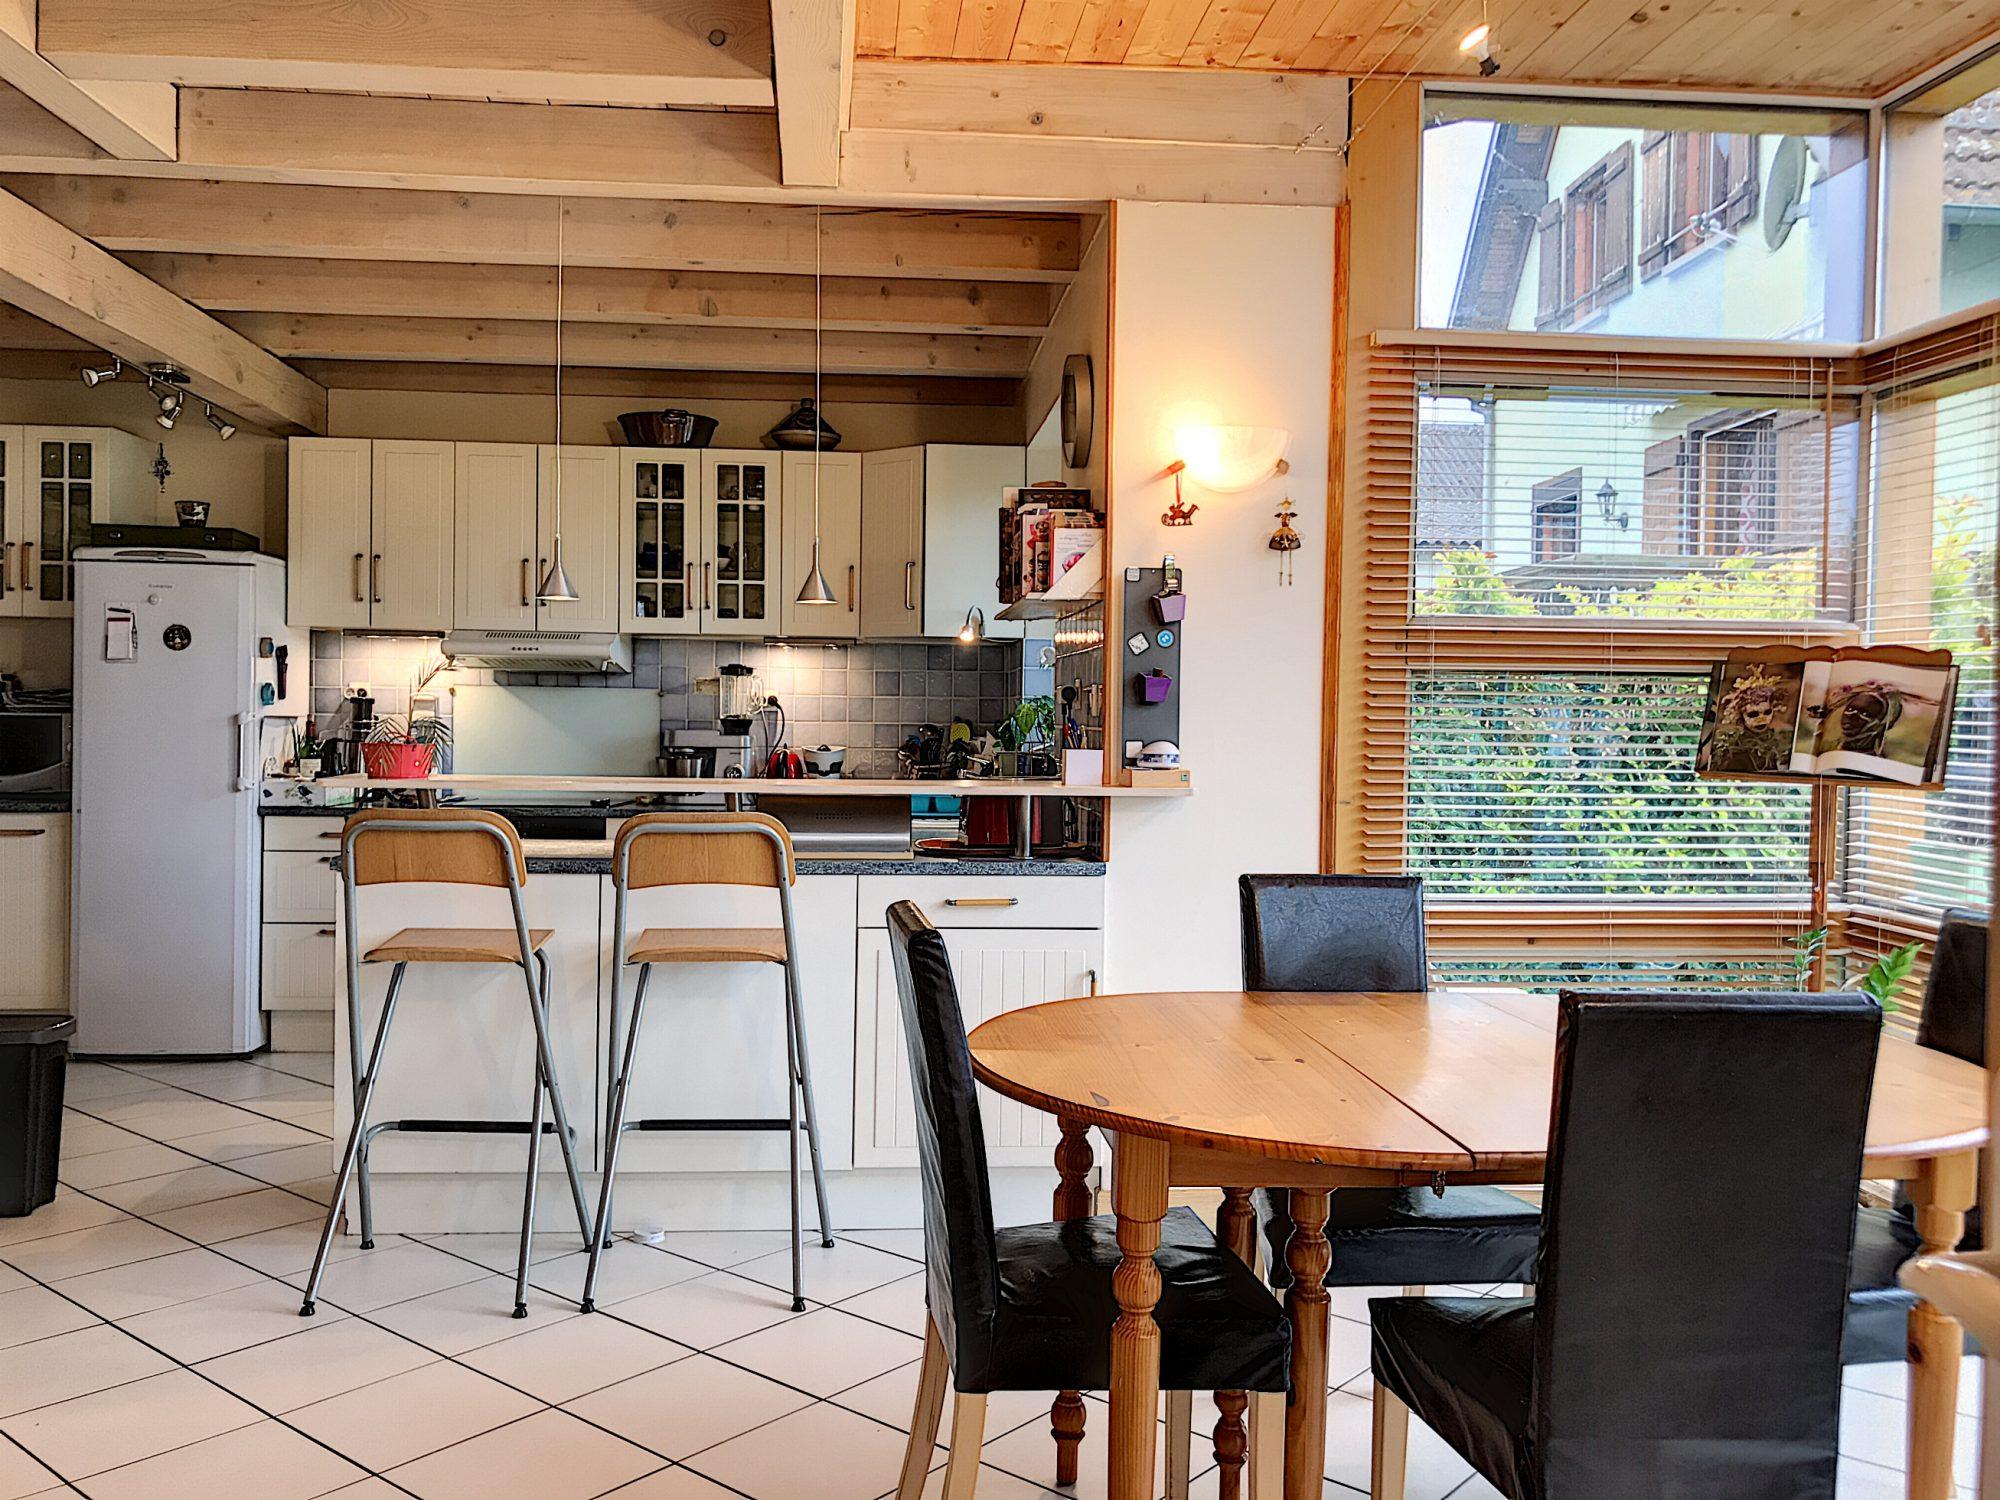 MAISON D'ARCHITECTE DE 7 PIÈCES - Devenez propriétaire en toute confiance - Bintz Immobilier - 2